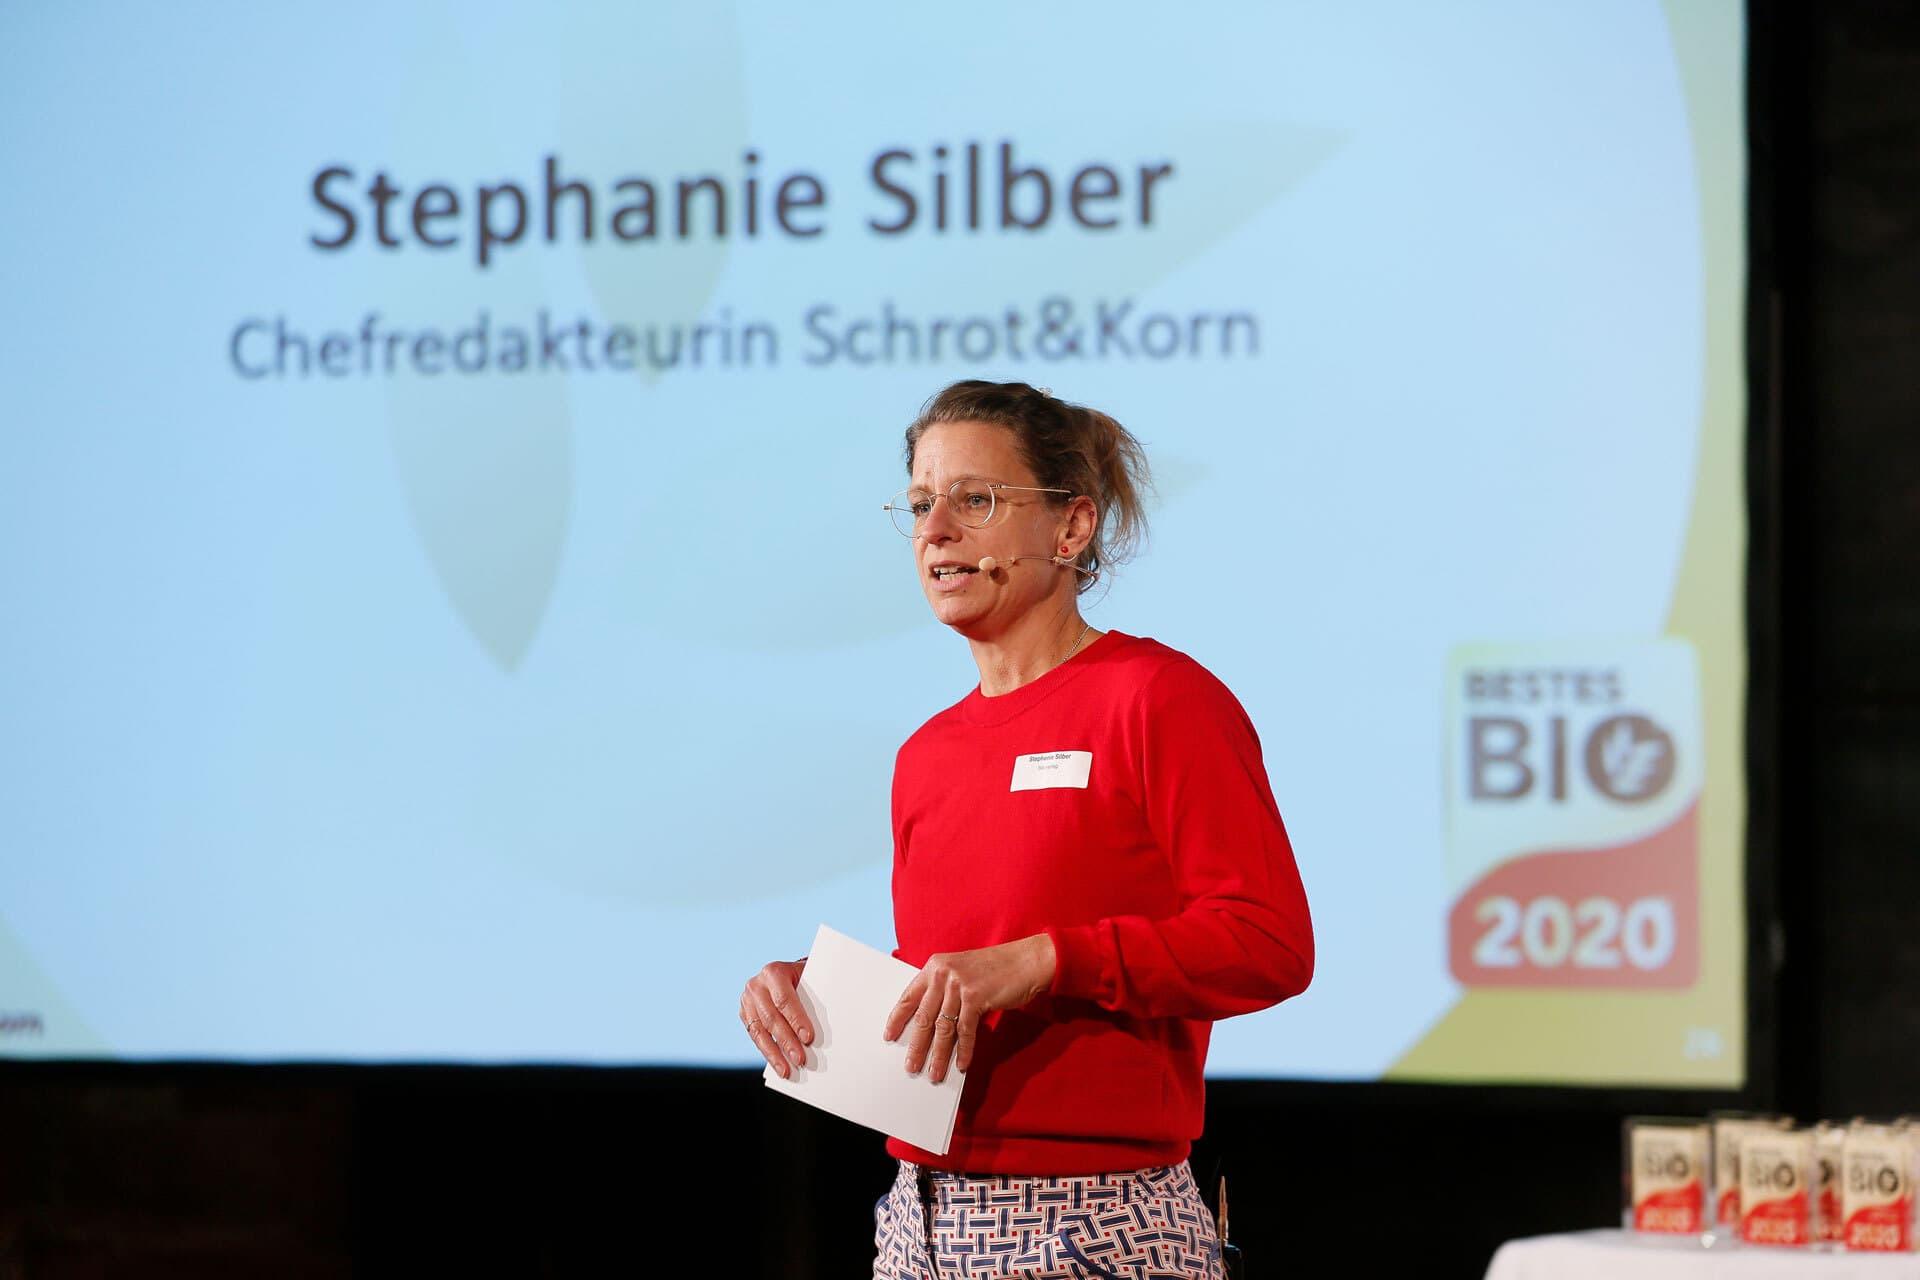 Schrot&Korn-Chefredakteurin Stephanie Silber Bestes Bio 2020